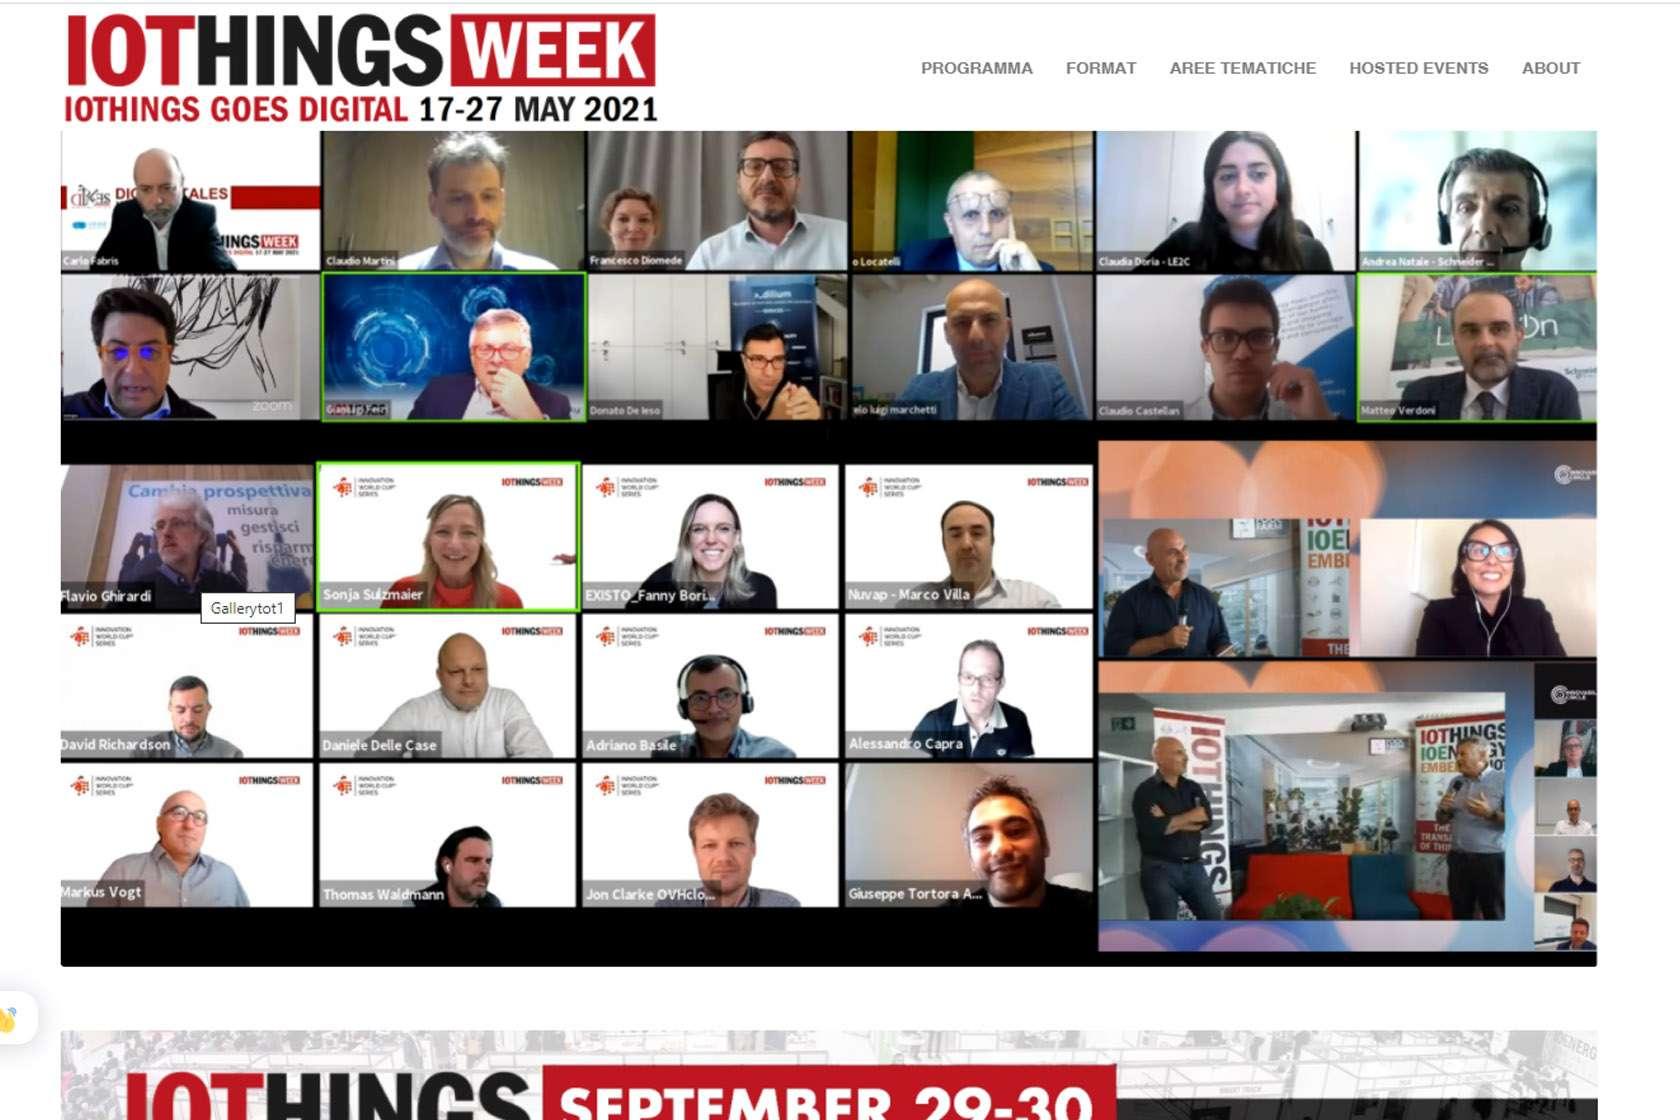 IoThings week 2021